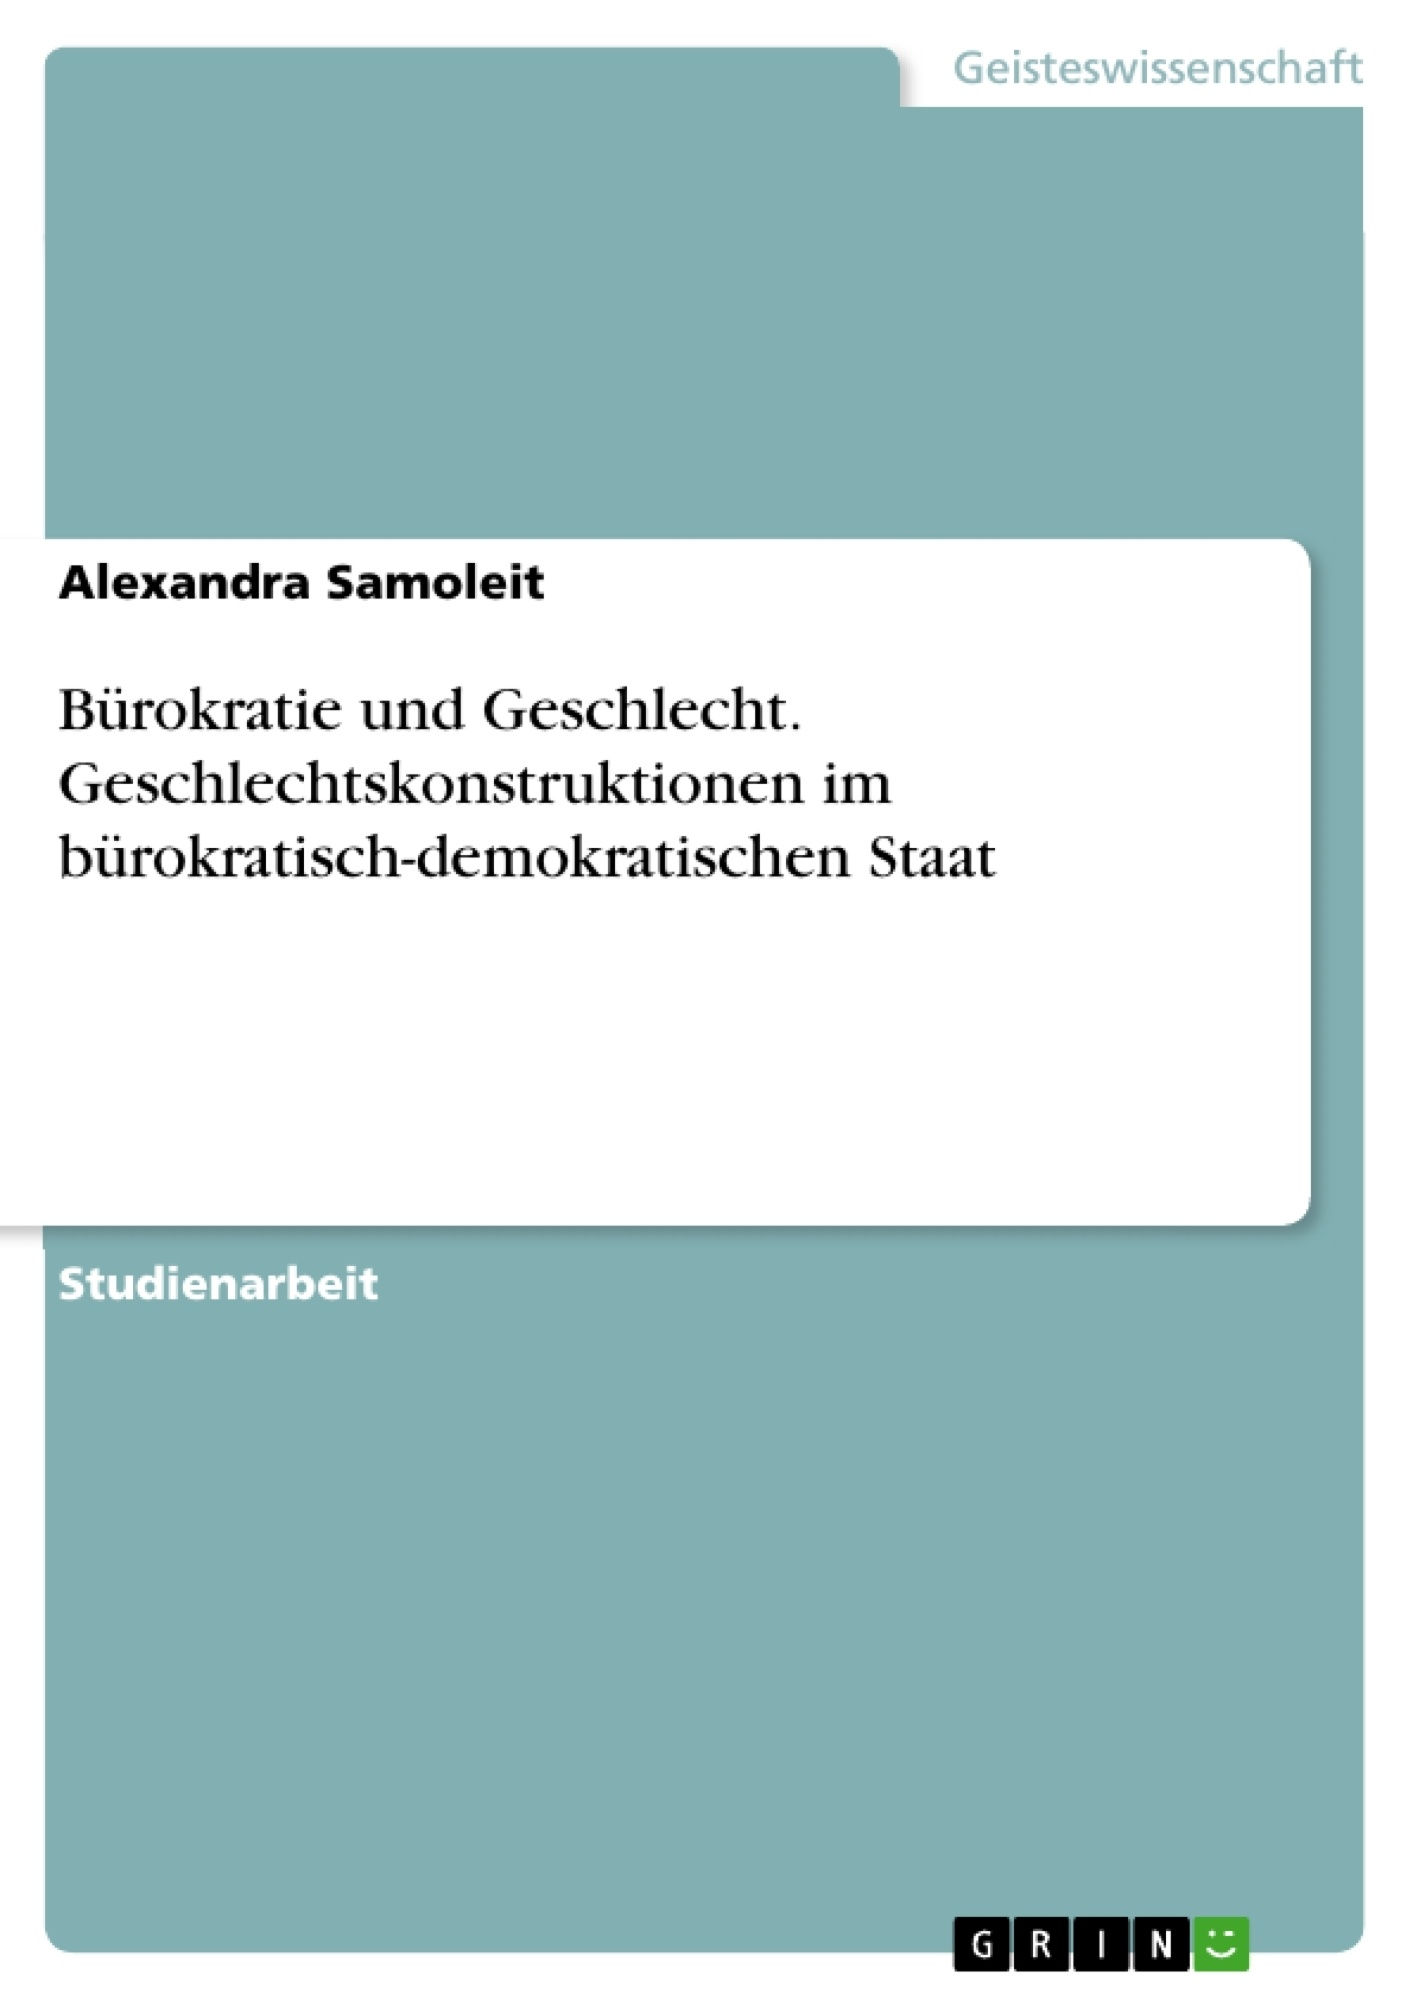 Titel: Bürokratie und Geschlecht. Geschlechtskonstruktionen im bürokratisch-demokratischen Staat